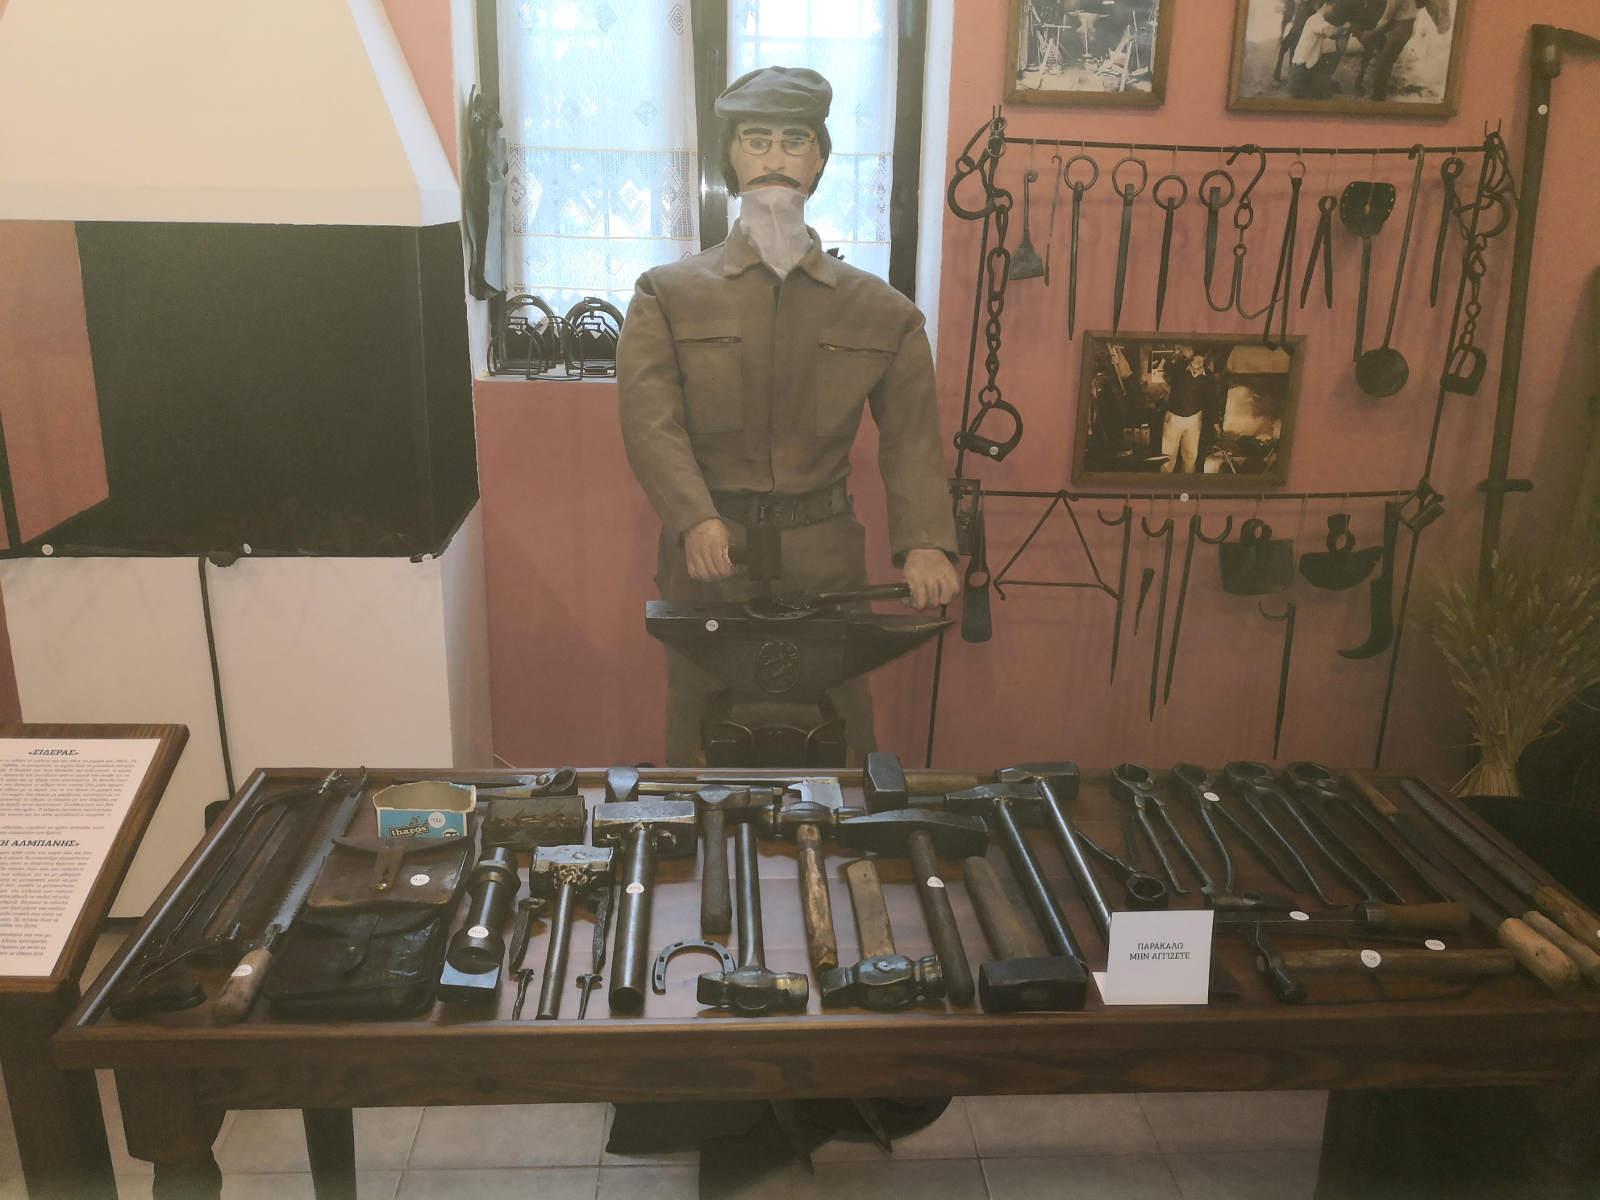 Τρίκαλα: Συλλέκτης παλιών αντικειμένων και κειμηλίων ένας πυροσβέστης – Μοναδικά τα εκθέματα